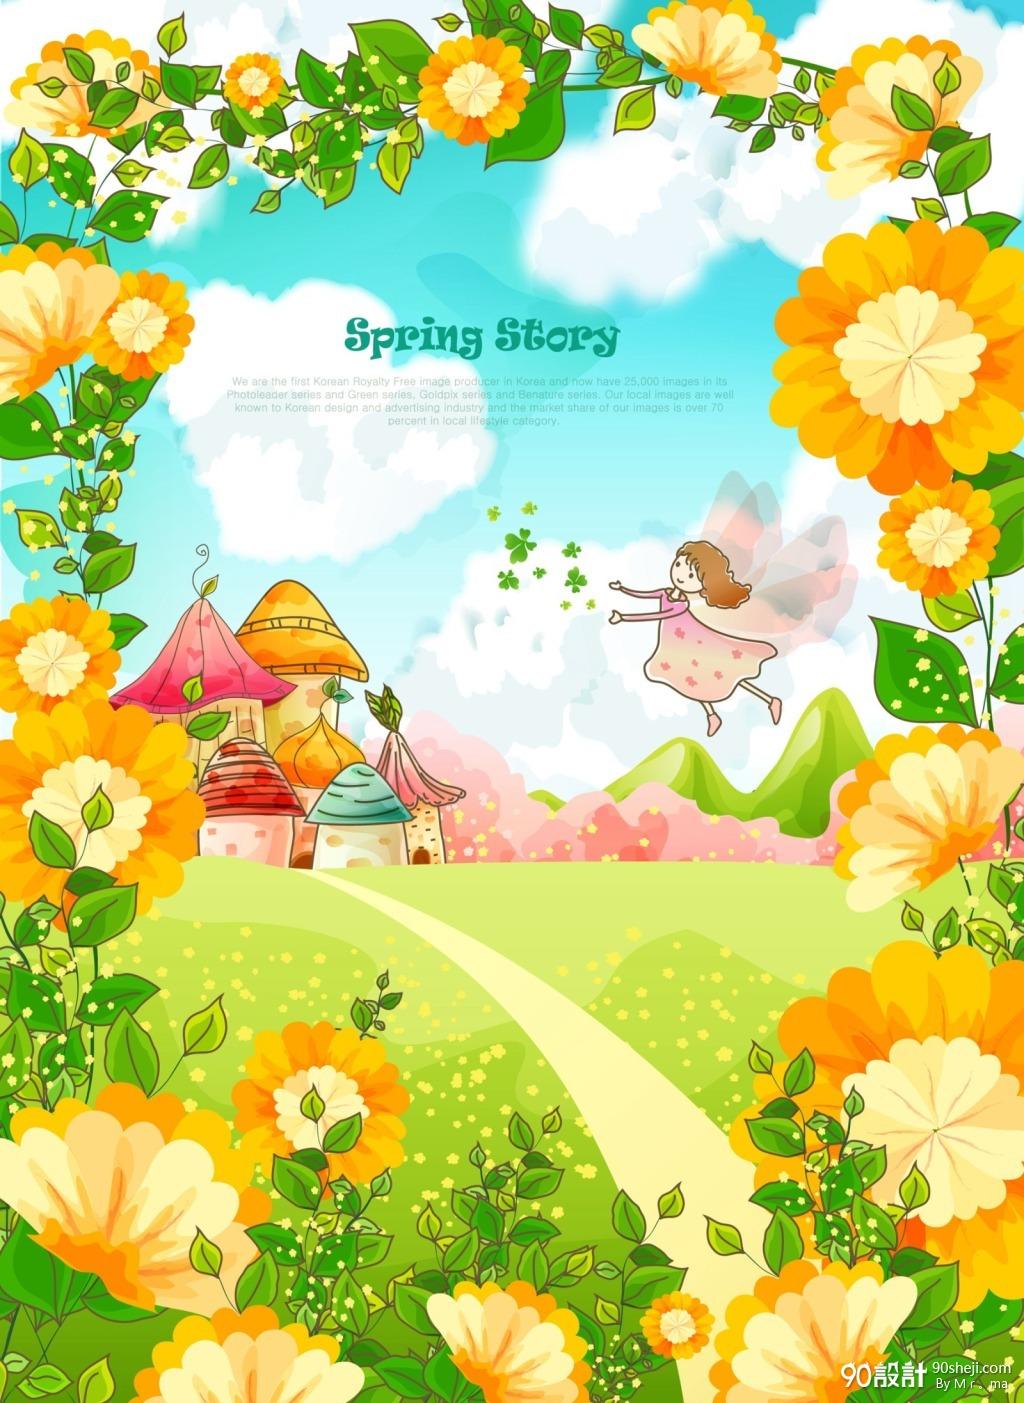 韩国风格儿童海报_海报设计_90设计90sheji.com